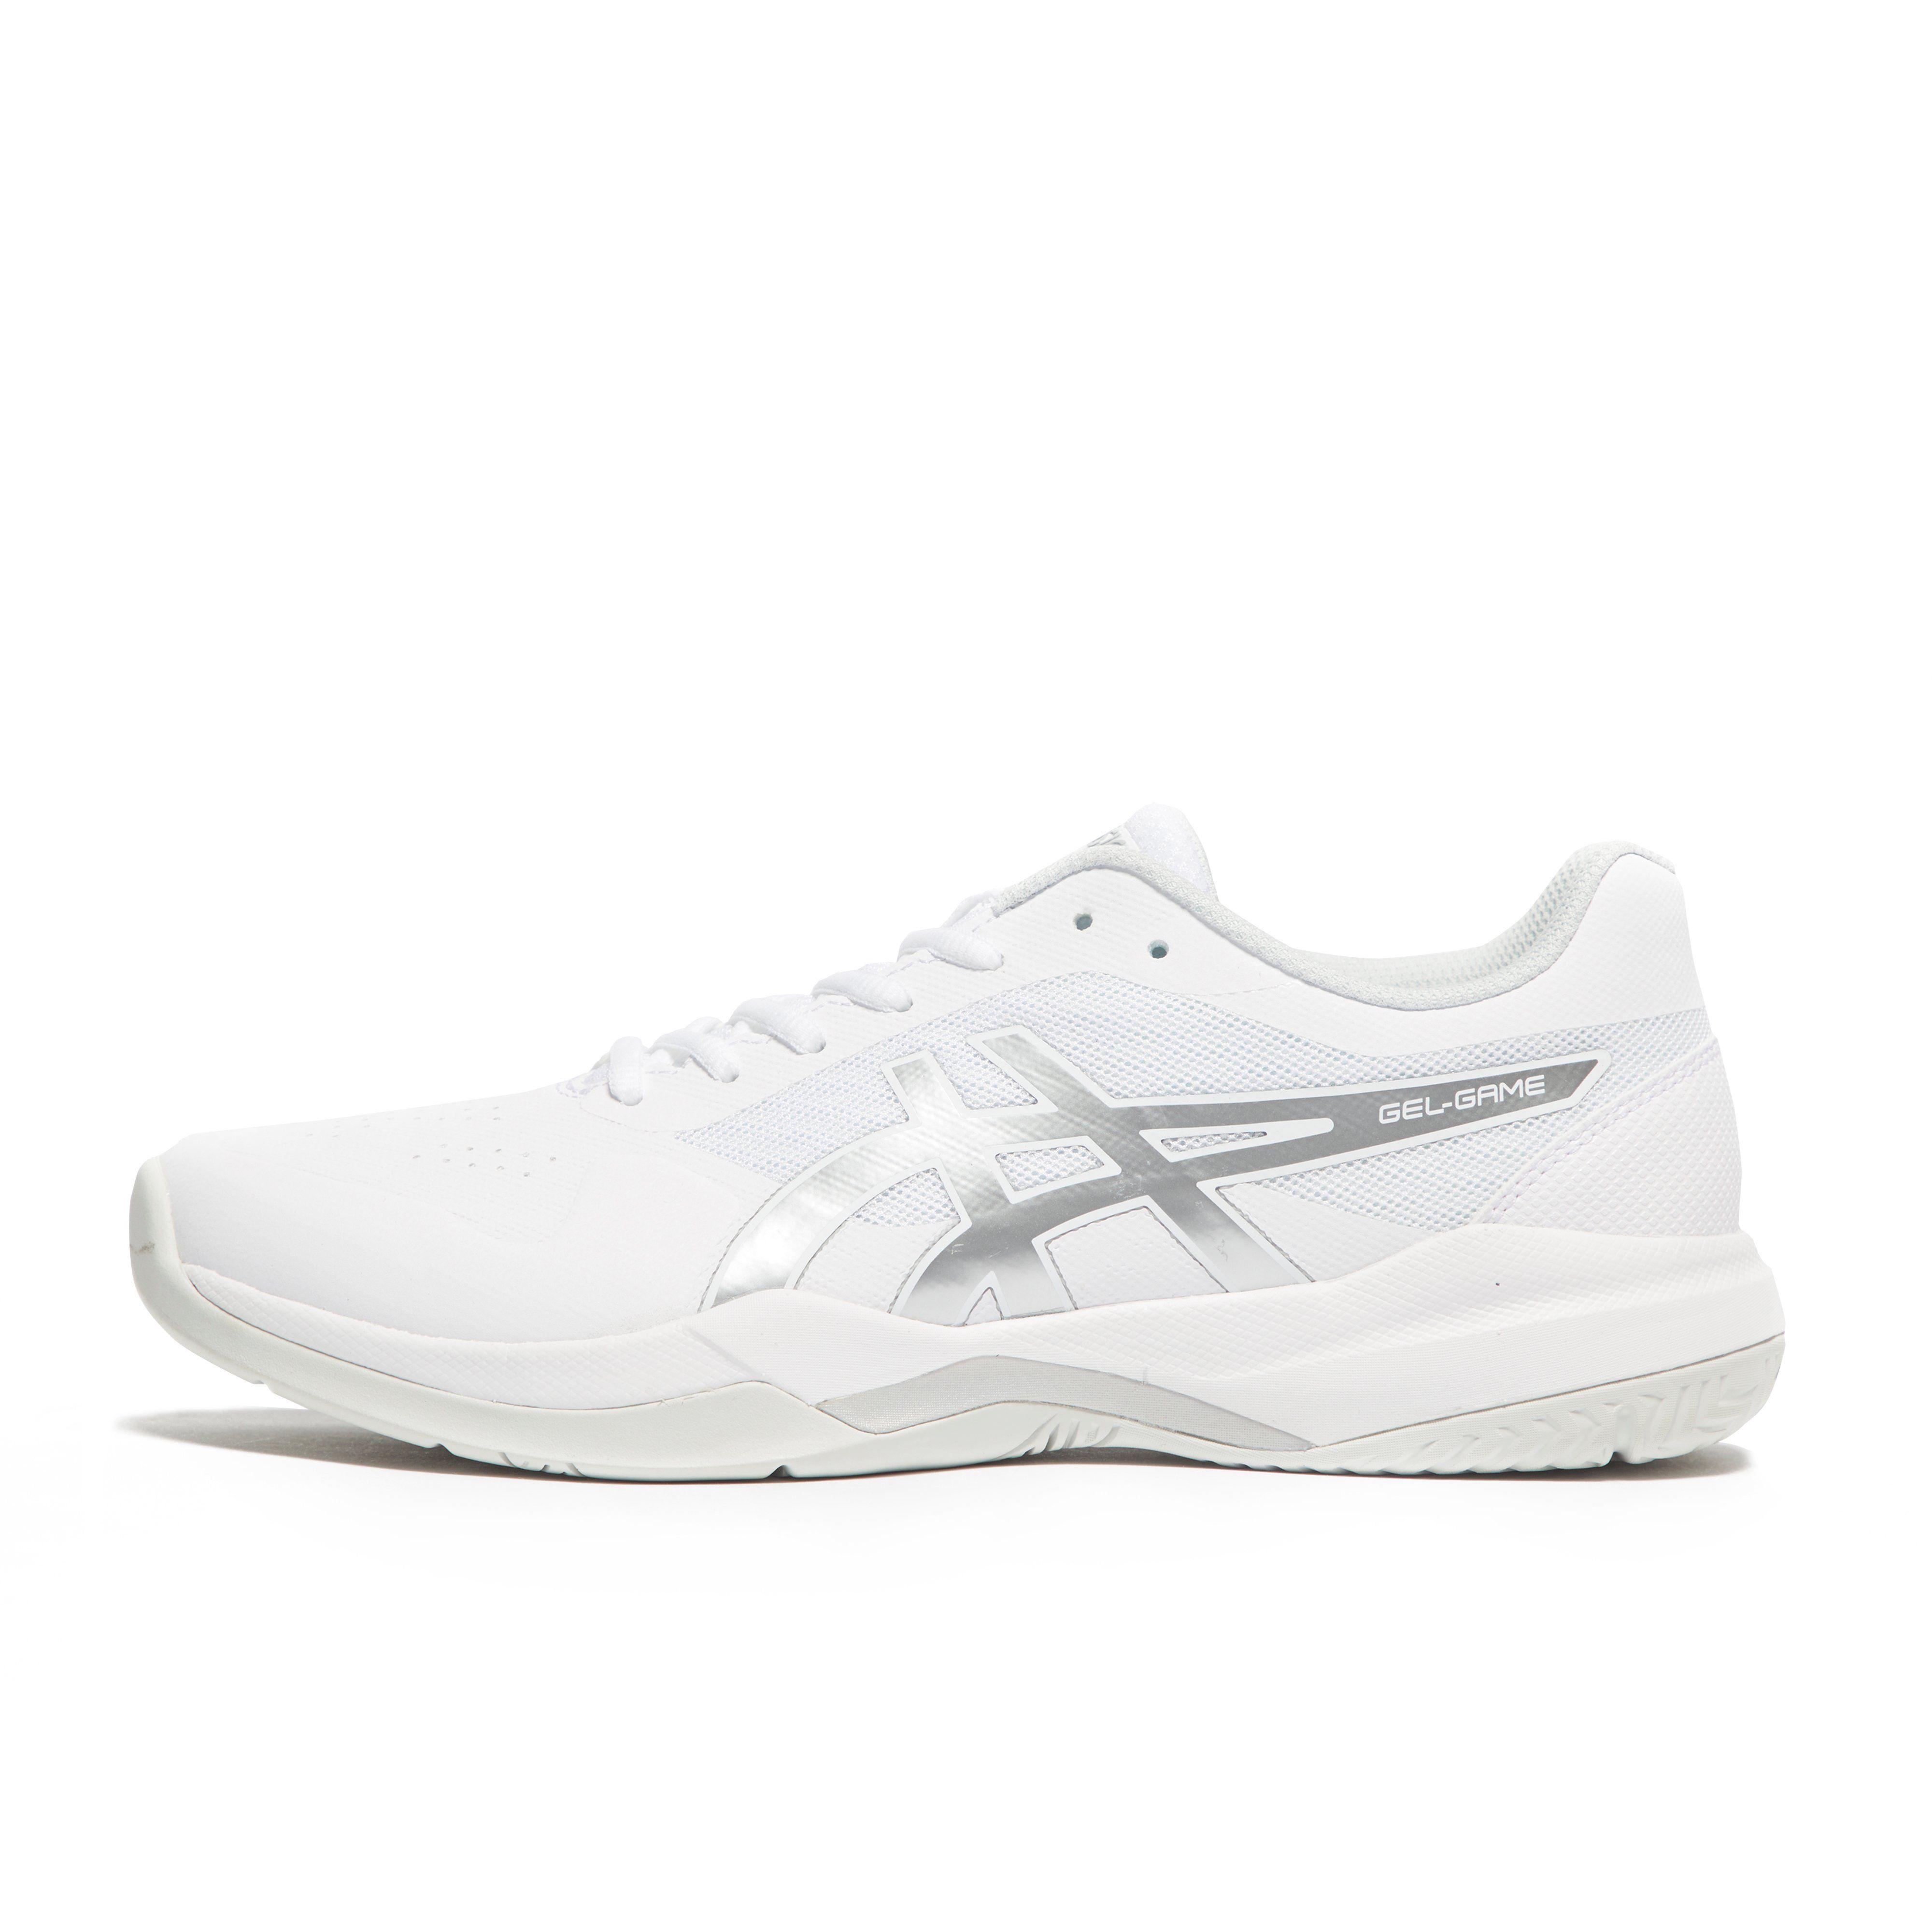 ASICS Gel-Game 7 Men's Tennis Shoes